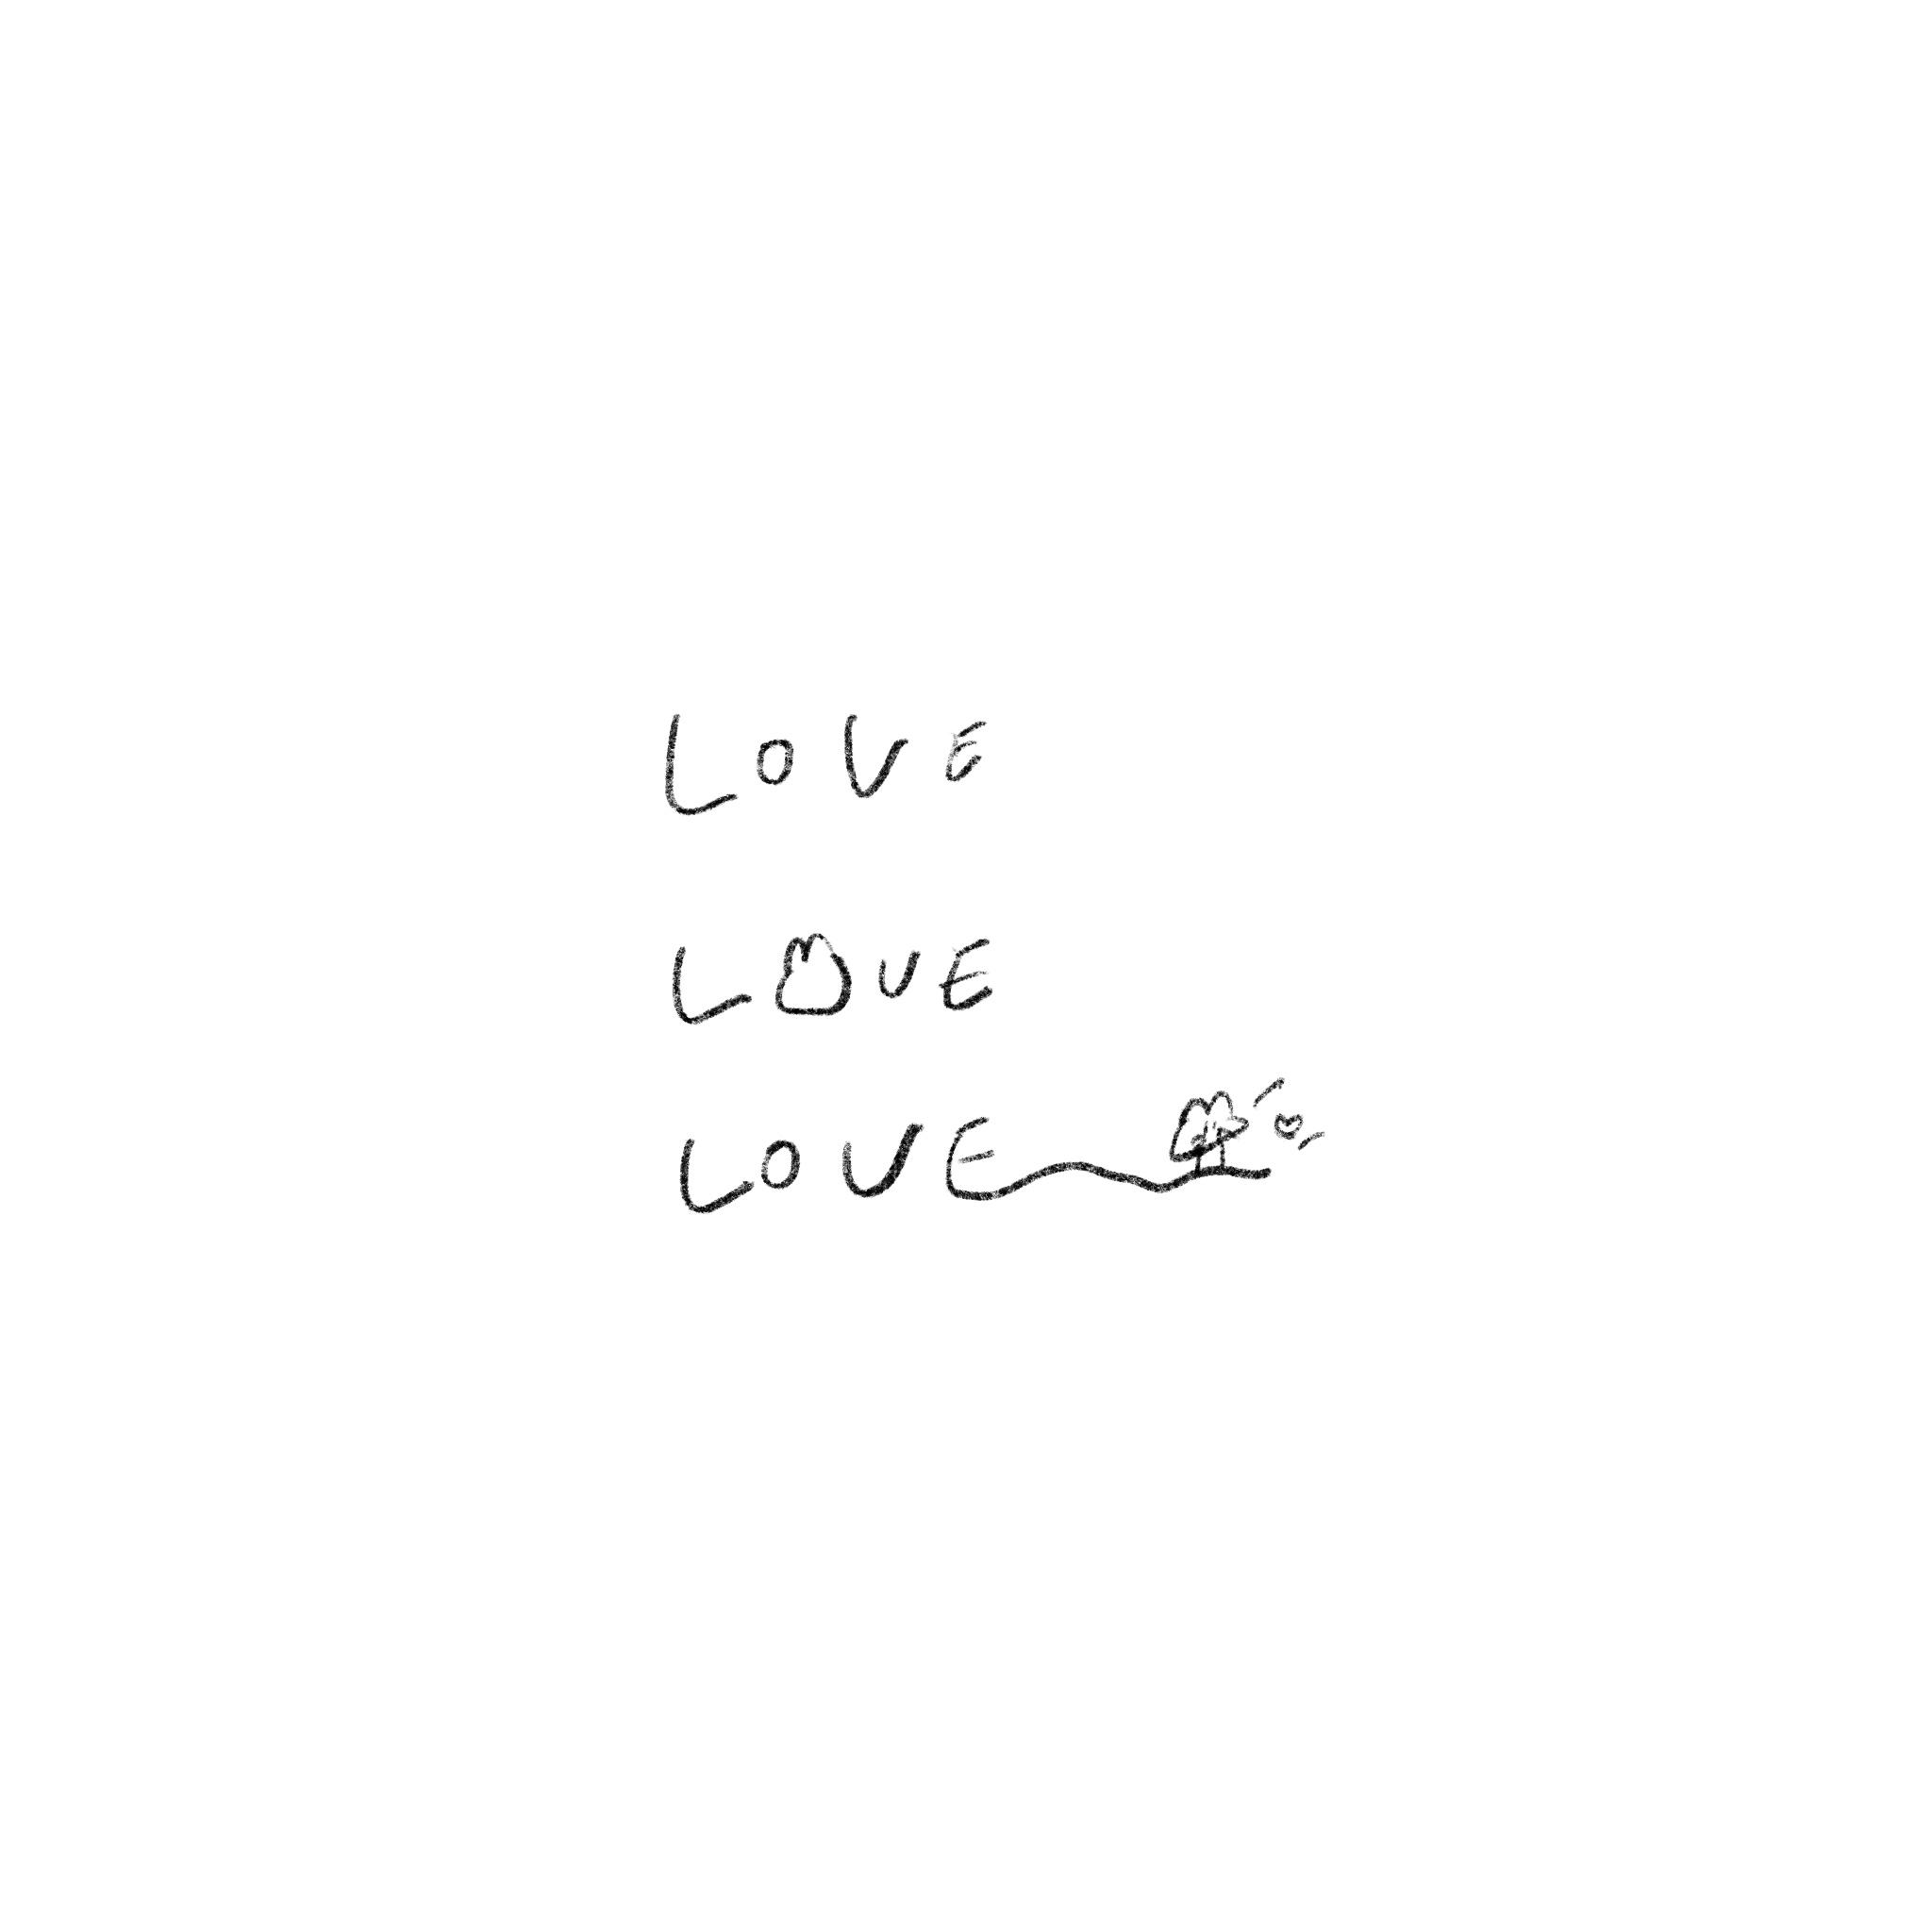 【フリー素材】ゆるいせかいのちいさなイラストをまとめました【ゆるいイラスト】love うさぎさん